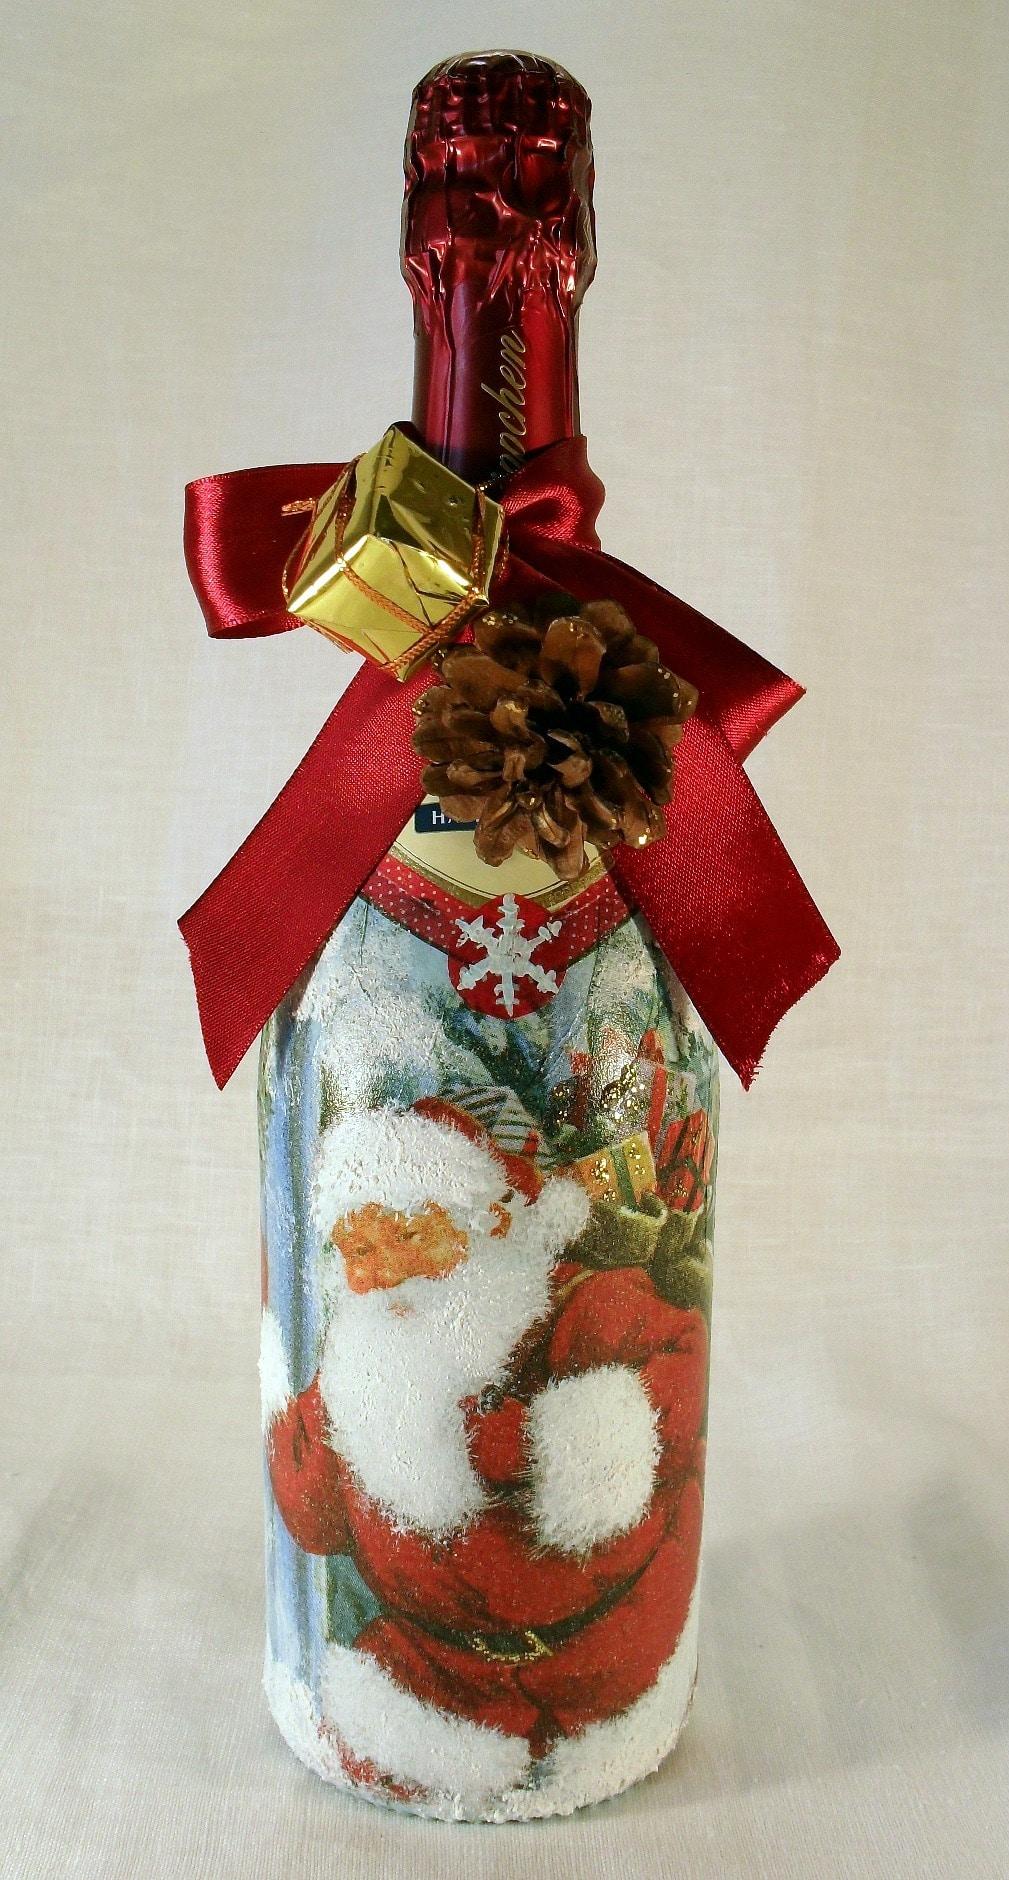 geschenkflasche sekt zu weihnachten selbst gestalten. Black Bedroom Furniture Sets. Home Design Ideas